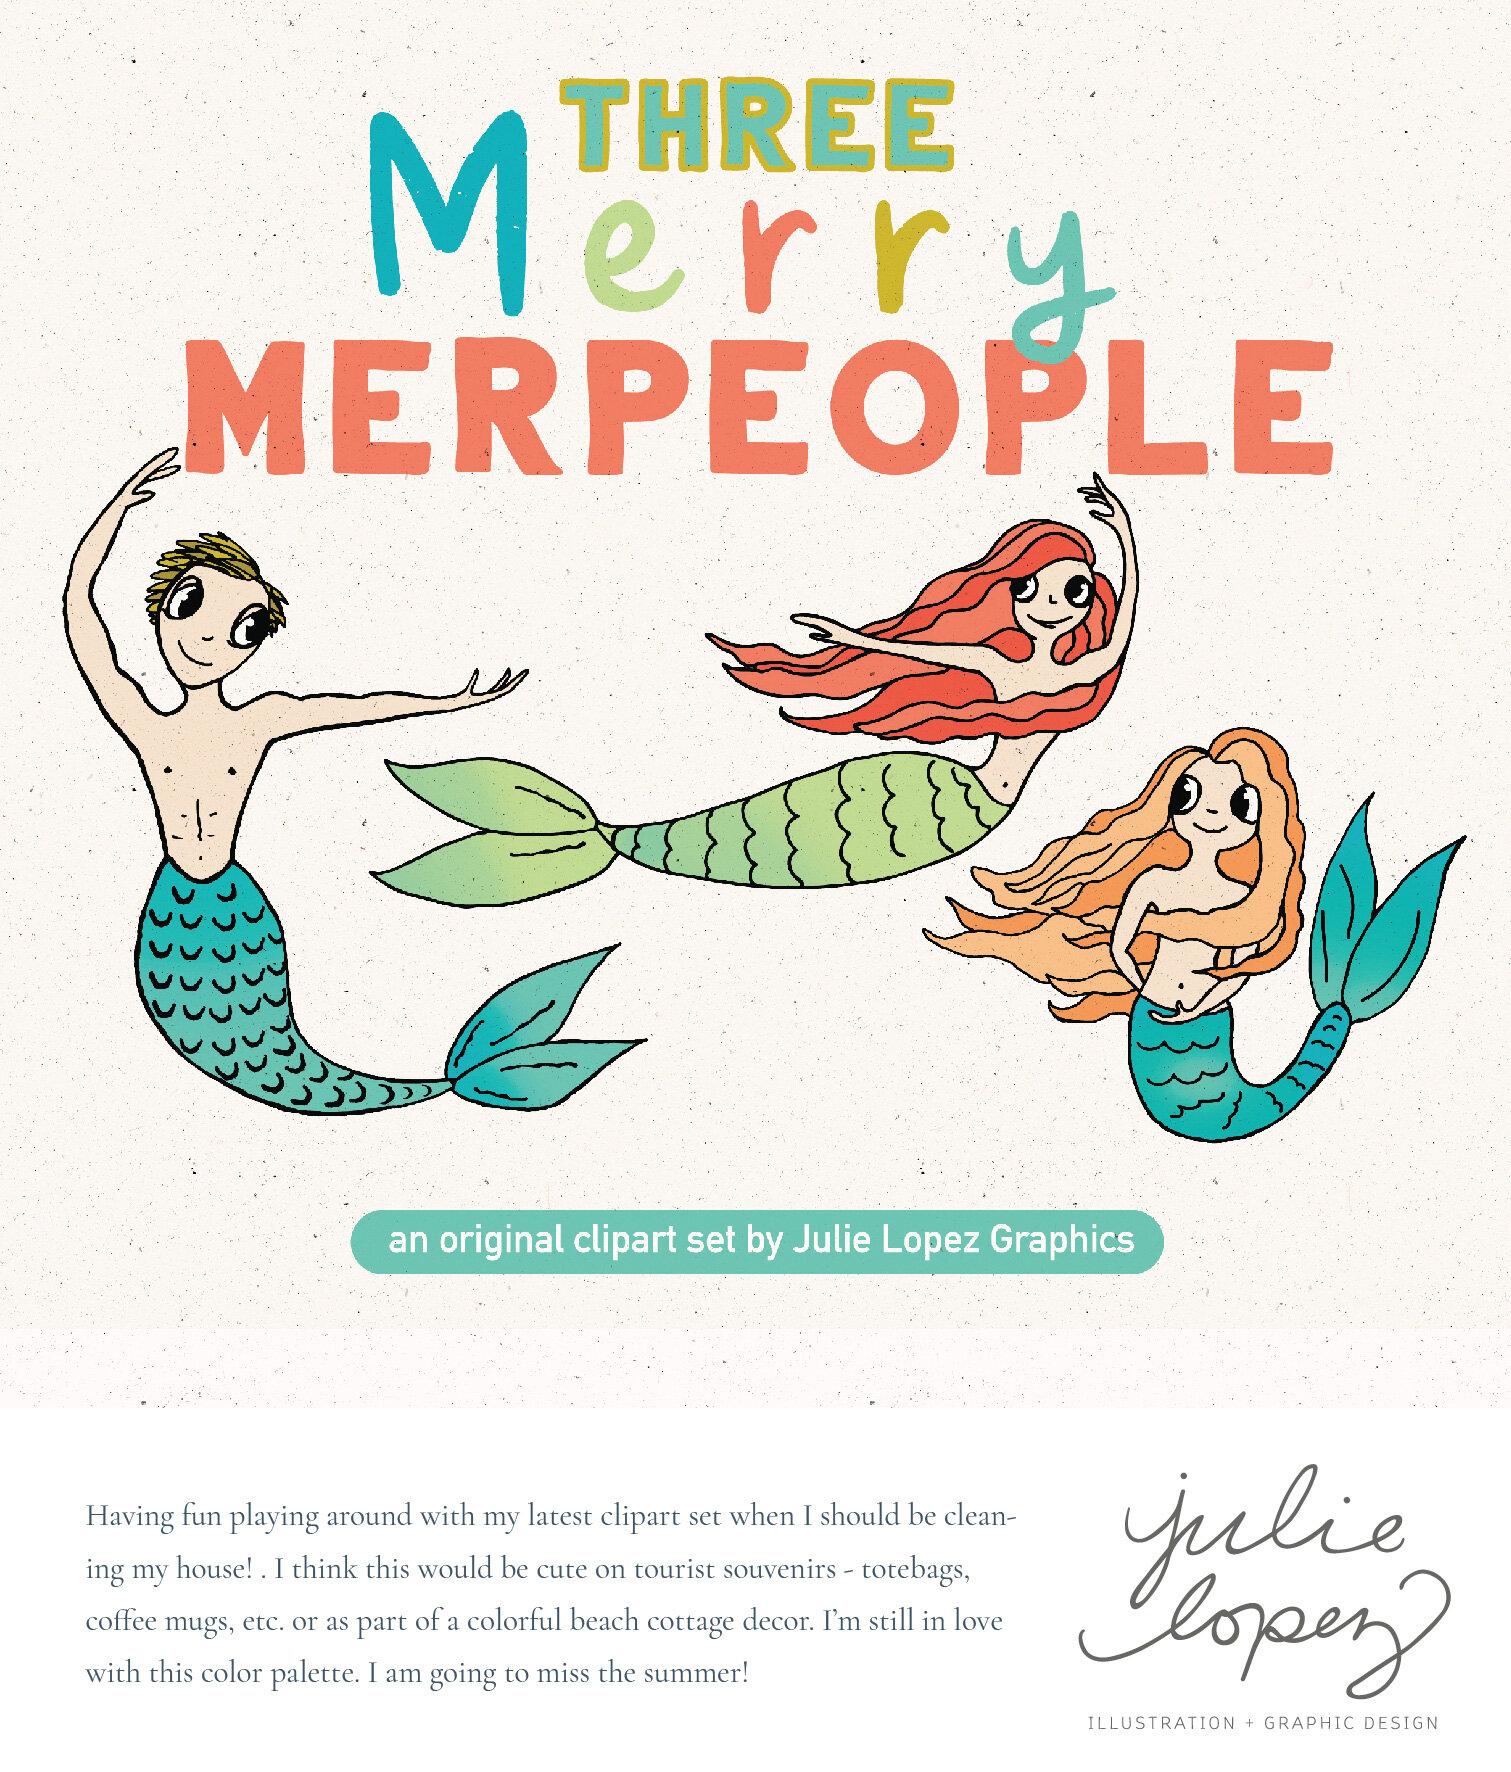 Merry_Merpeople_blog.jpg